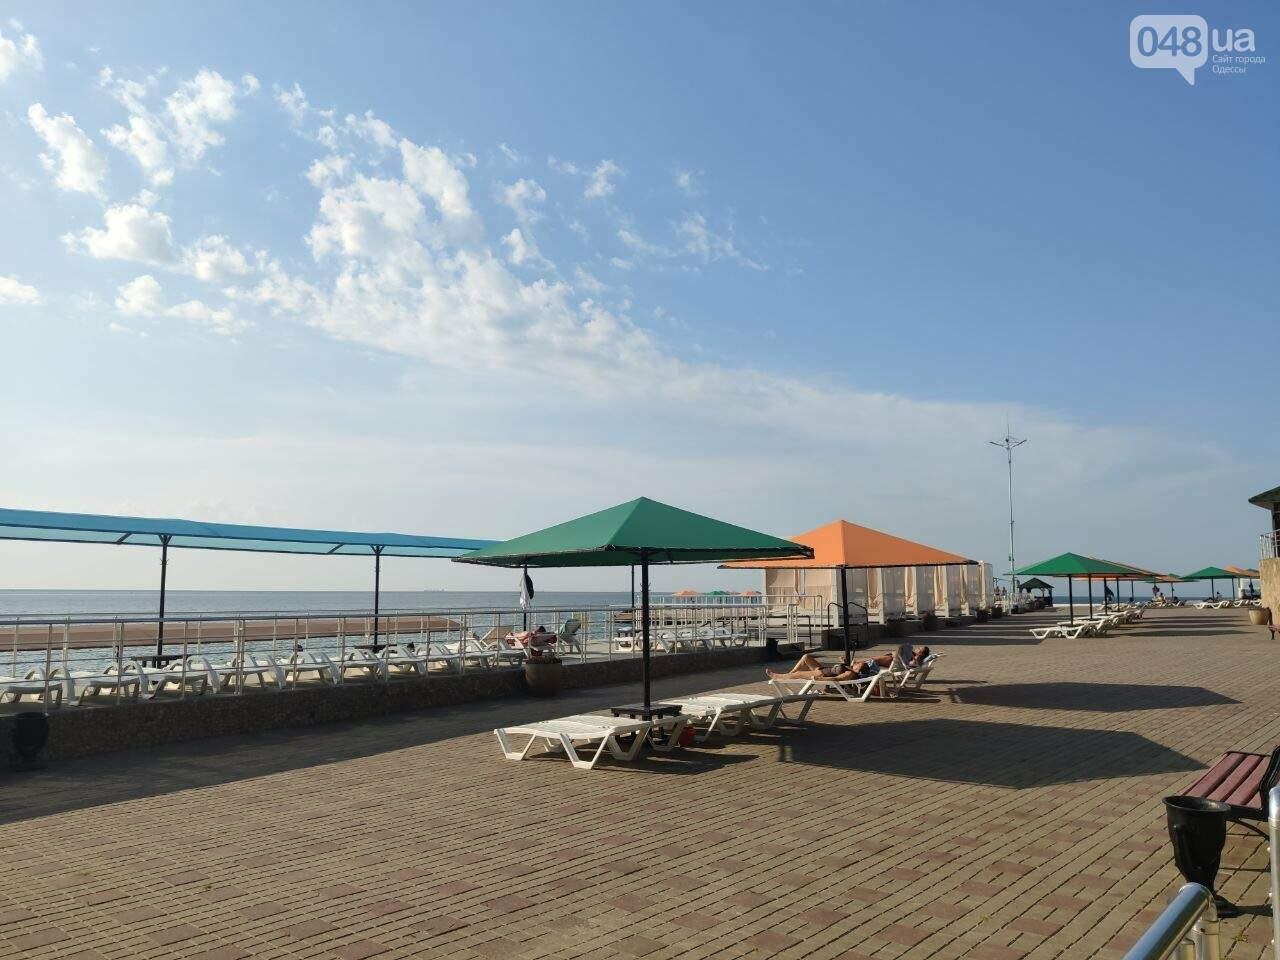 Пляж на Совиньоне под Одессой: что находится на закрытой территории и как туда попасть, - ФОТО, фото-2